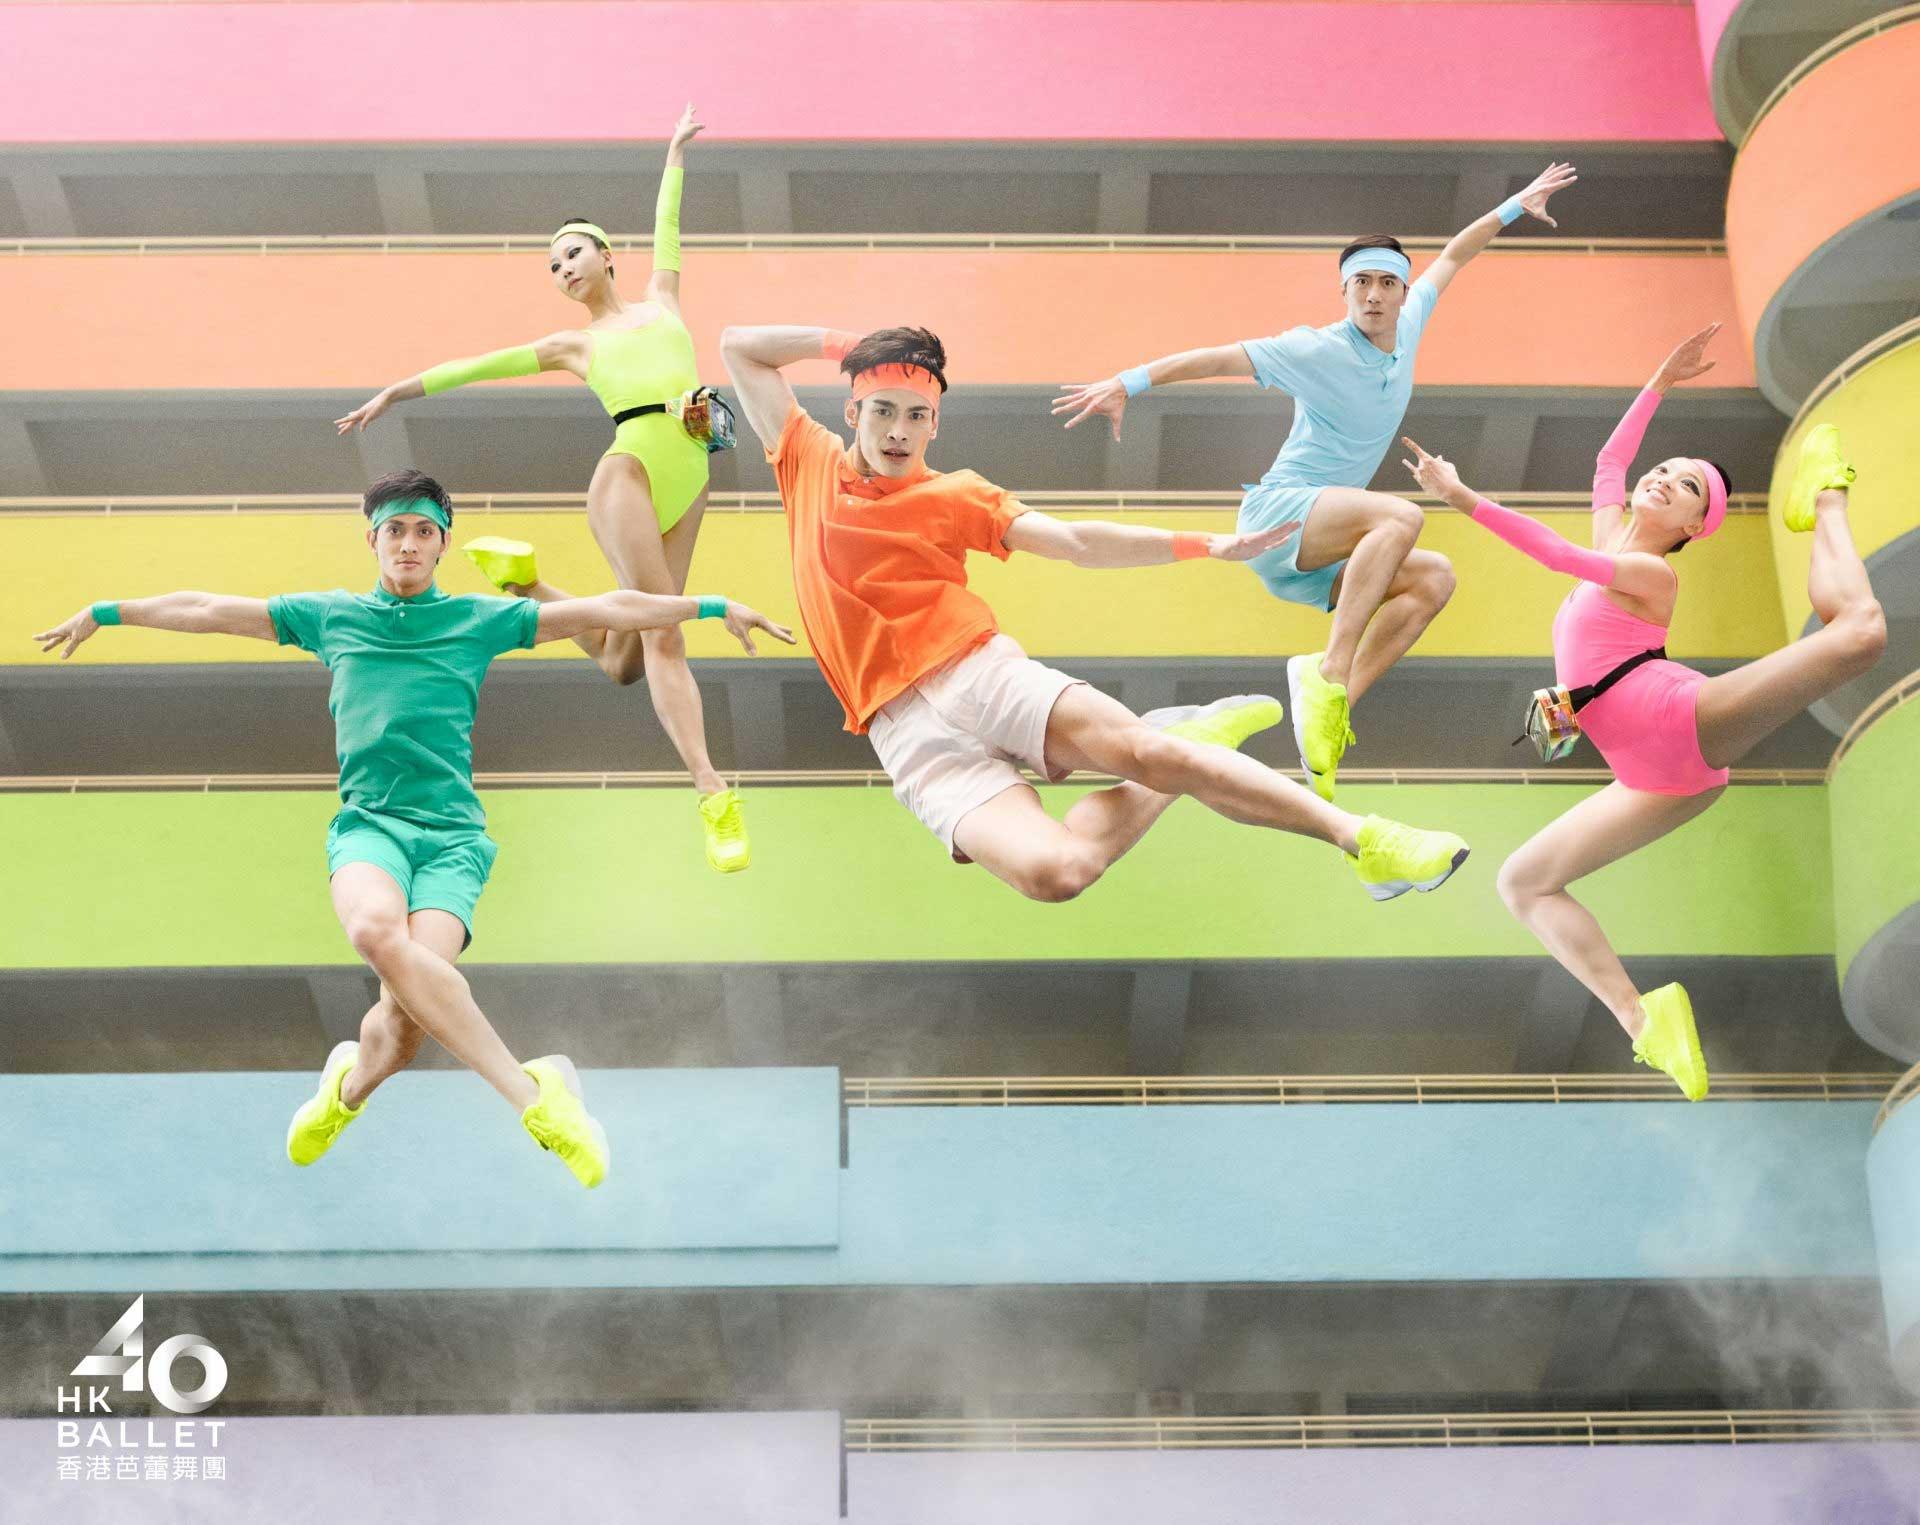 Cooles Video zu 40 Jahren Hong Kong Ballett 40-jahre-hong-kong-ballett_05